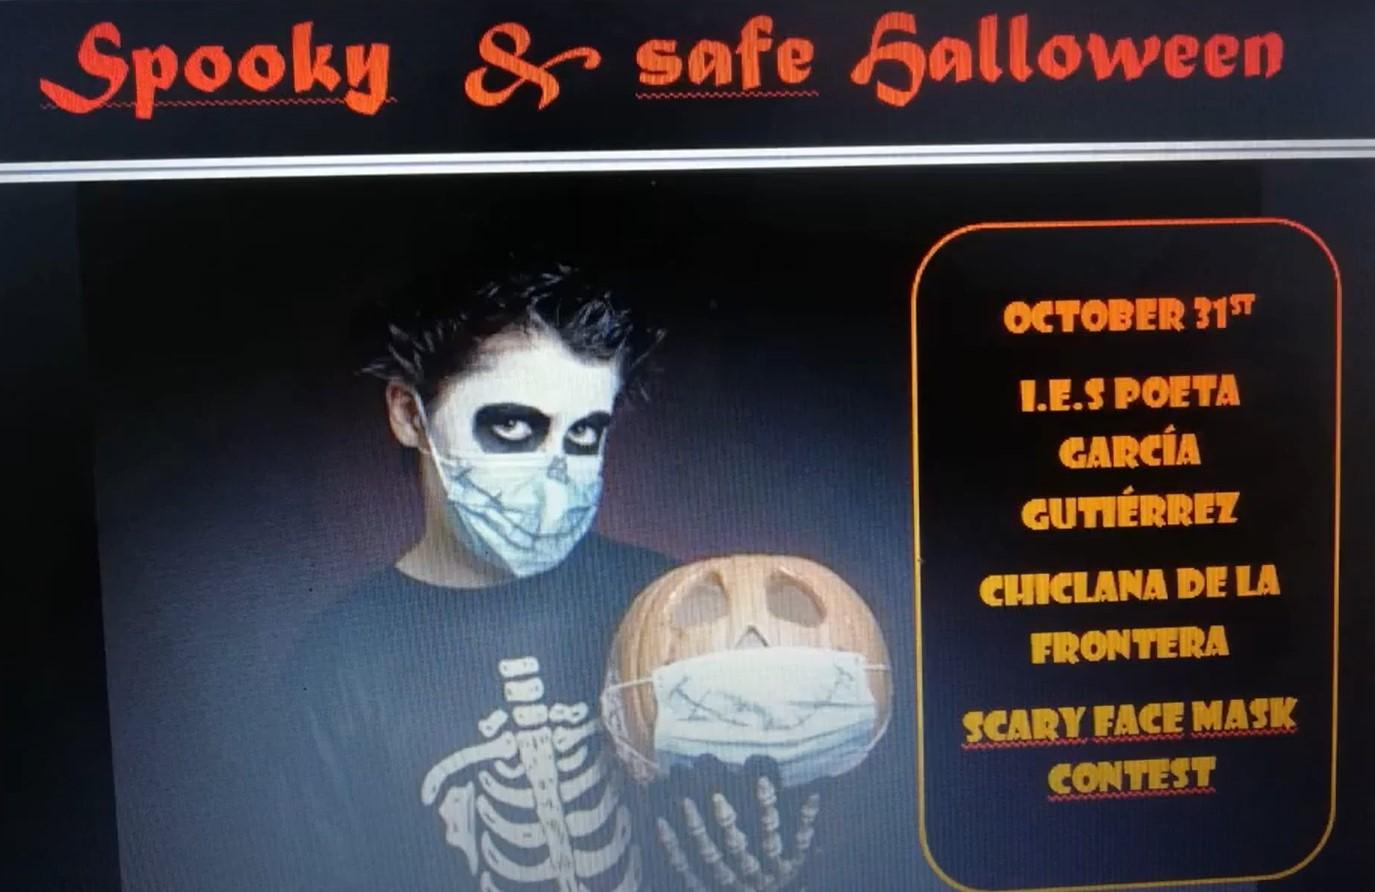 Imagen de la noticia: Ganadores concurso de Halloween (mascarillas y relatos) [Actualizado]